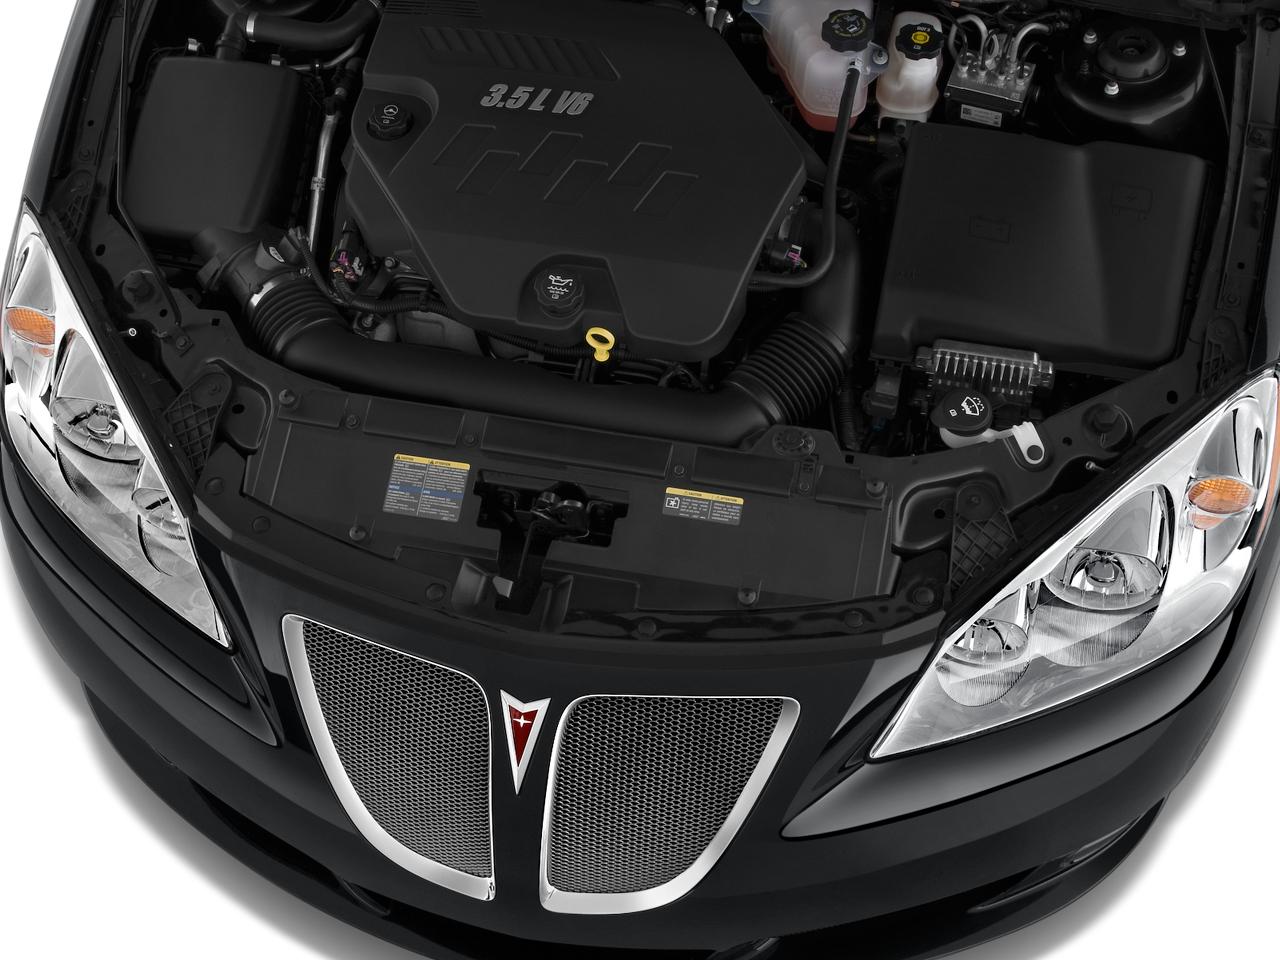 2009 Pontiac G6 Gets A Makeover